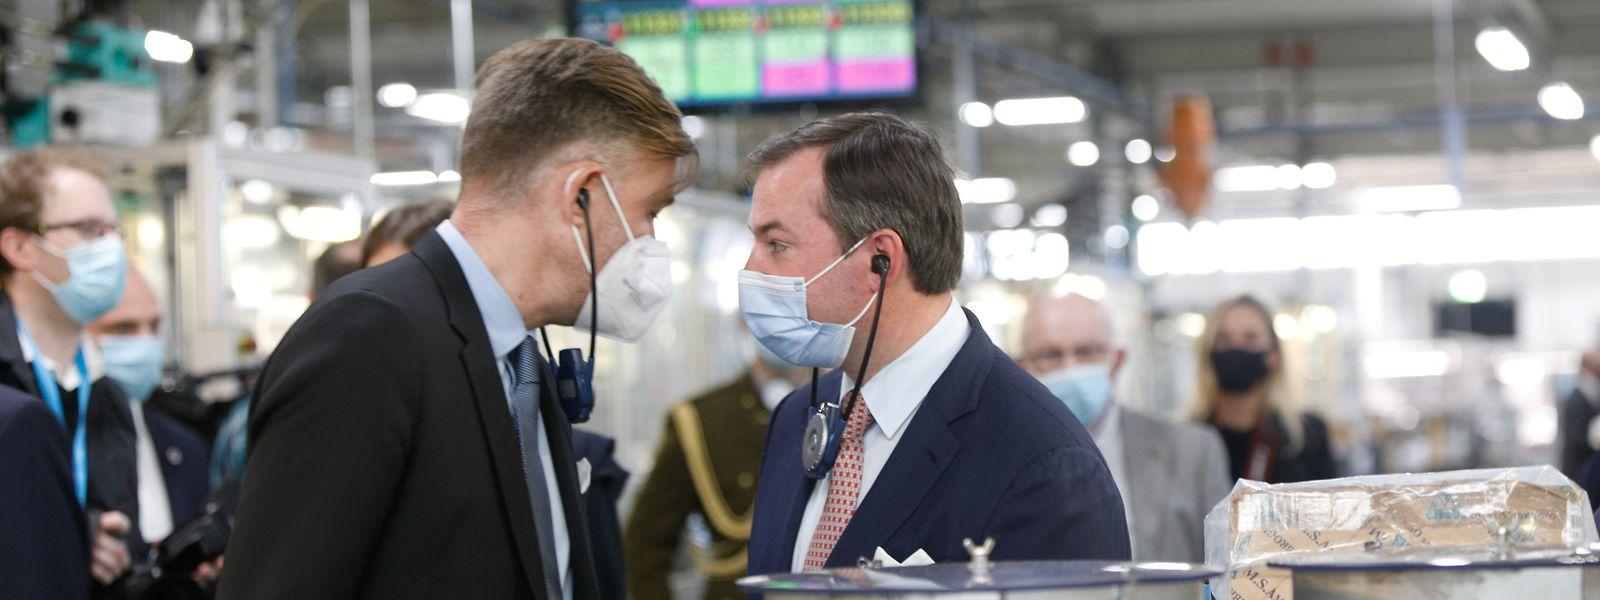 Wirtschaftsminister Franz Fayot (links) und Erbgroßherzog Guillaume (rechts) beim Autozulieferer Cebi.